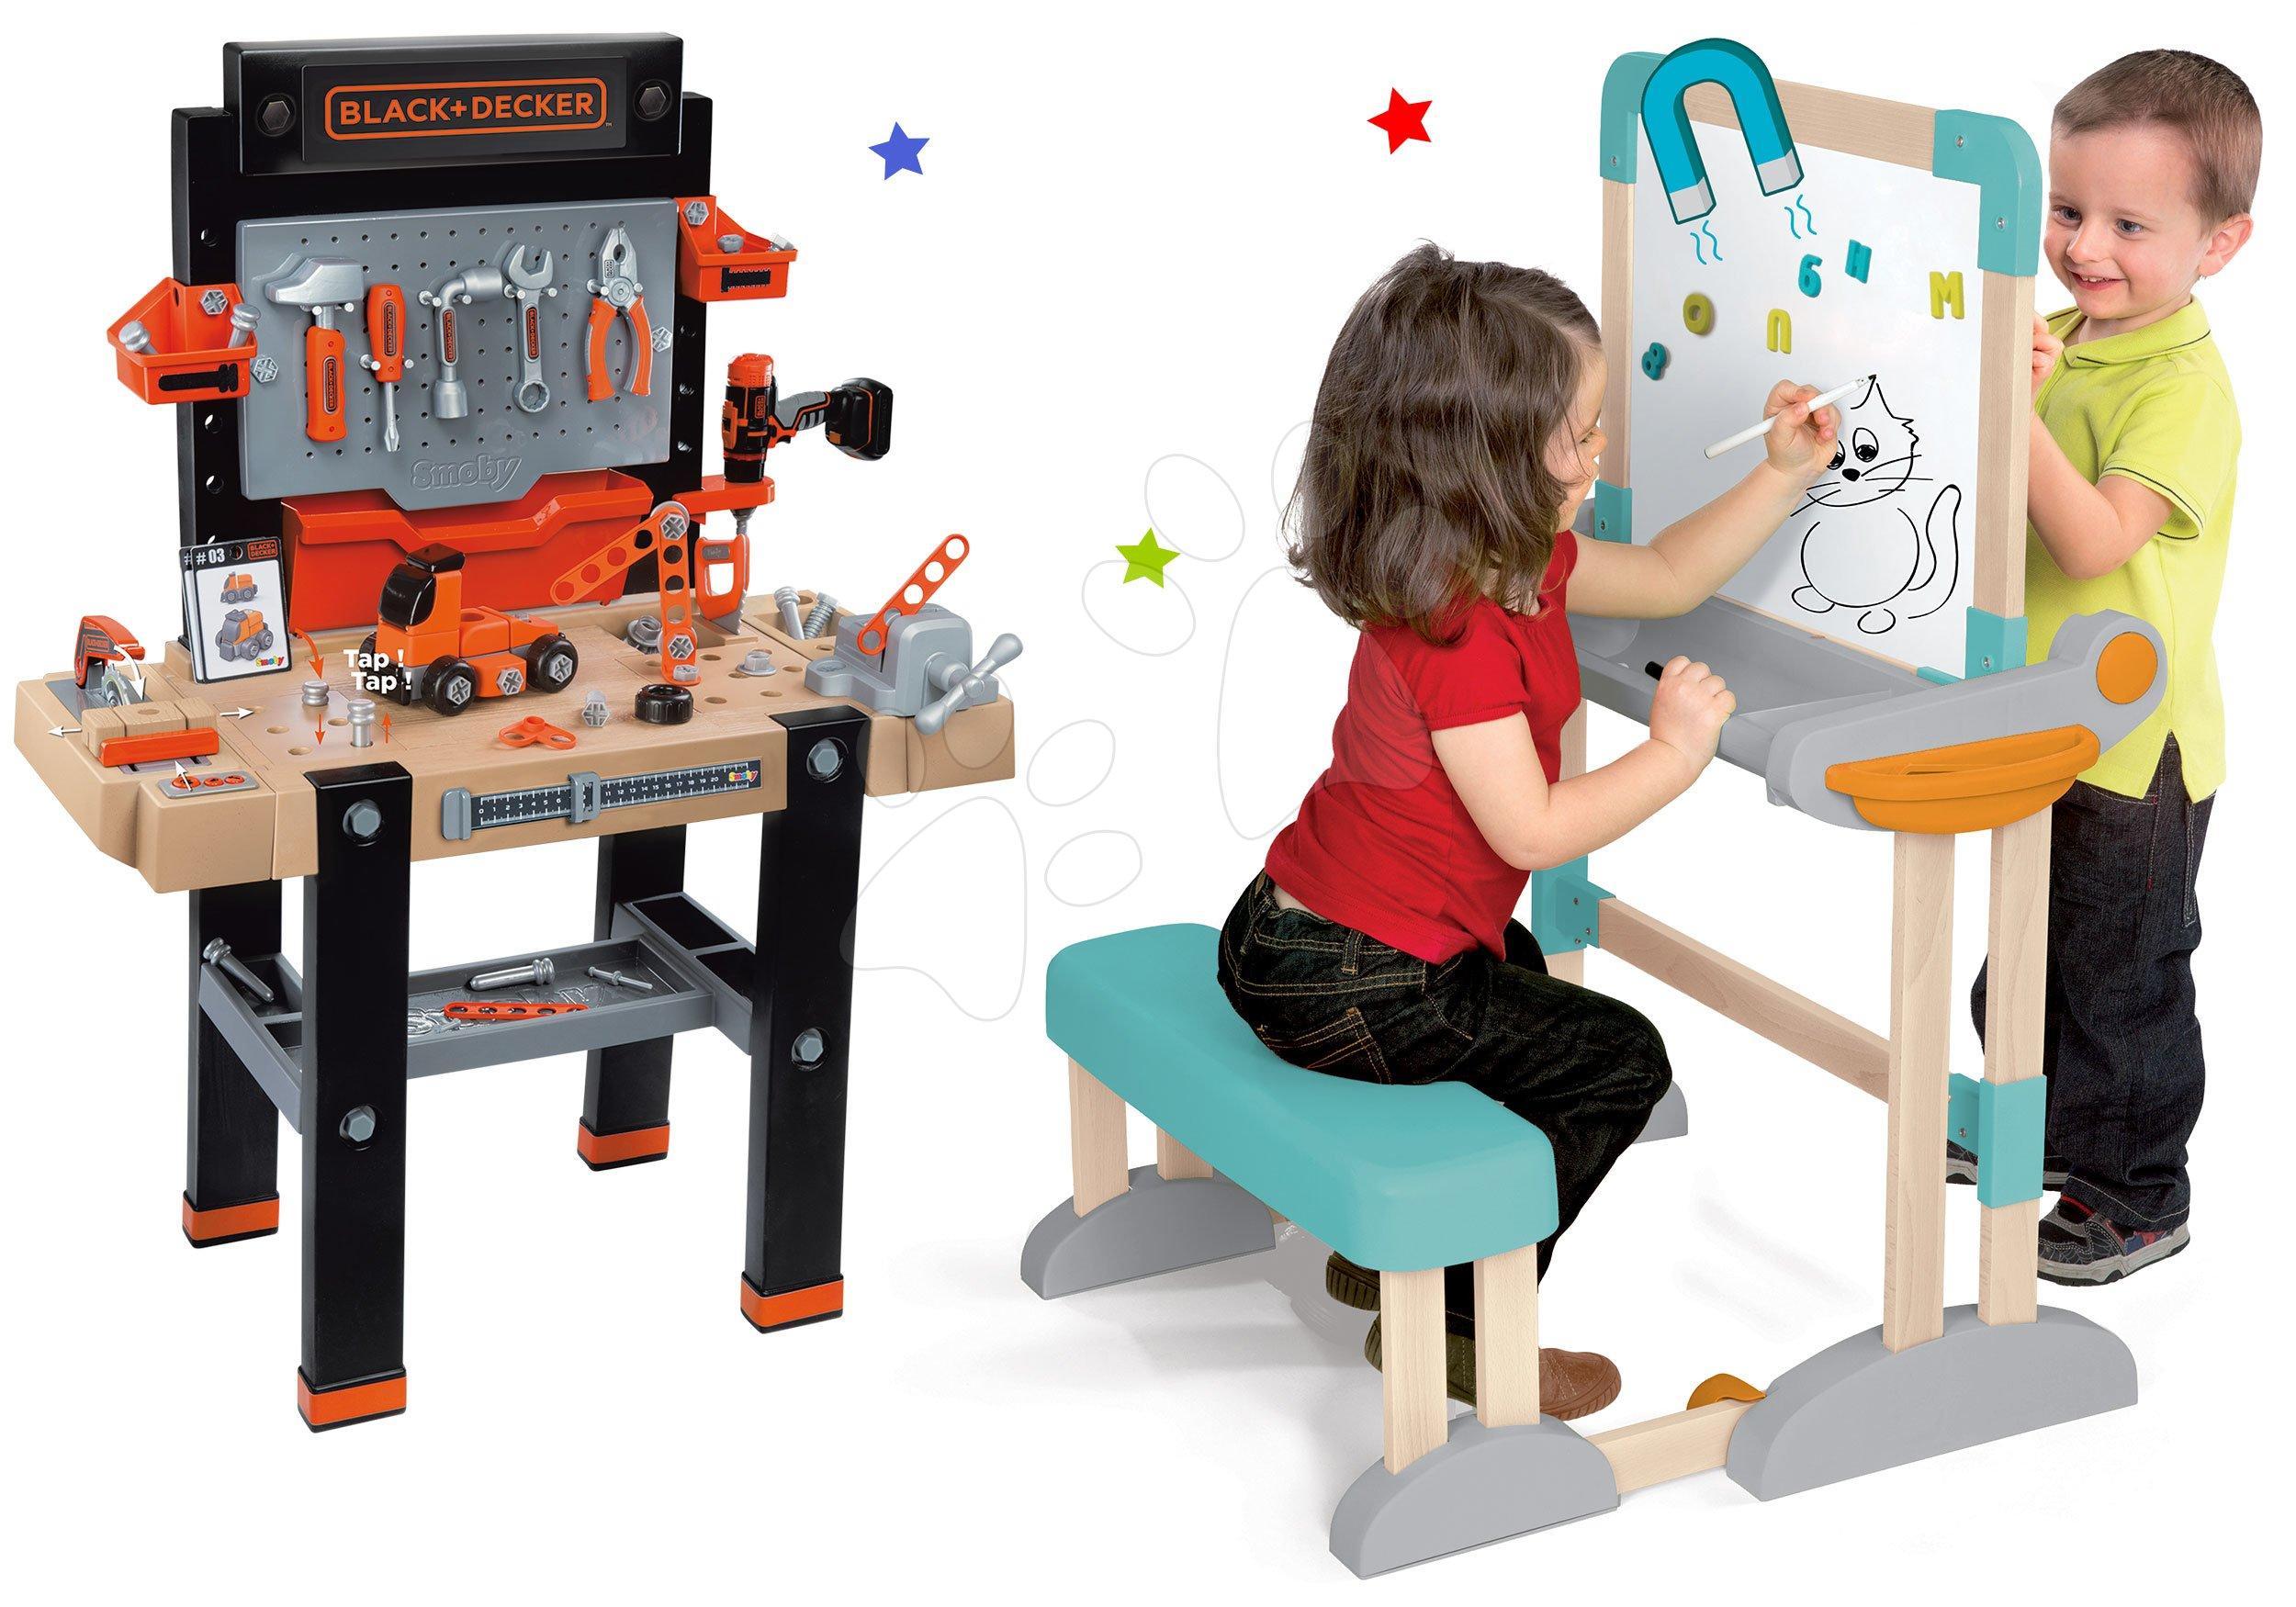 Set drevená lavica Modulo Space skladacia magnetická Smoby na kriedu a pracovný montážny stôl Black&Decker so skladacím autom